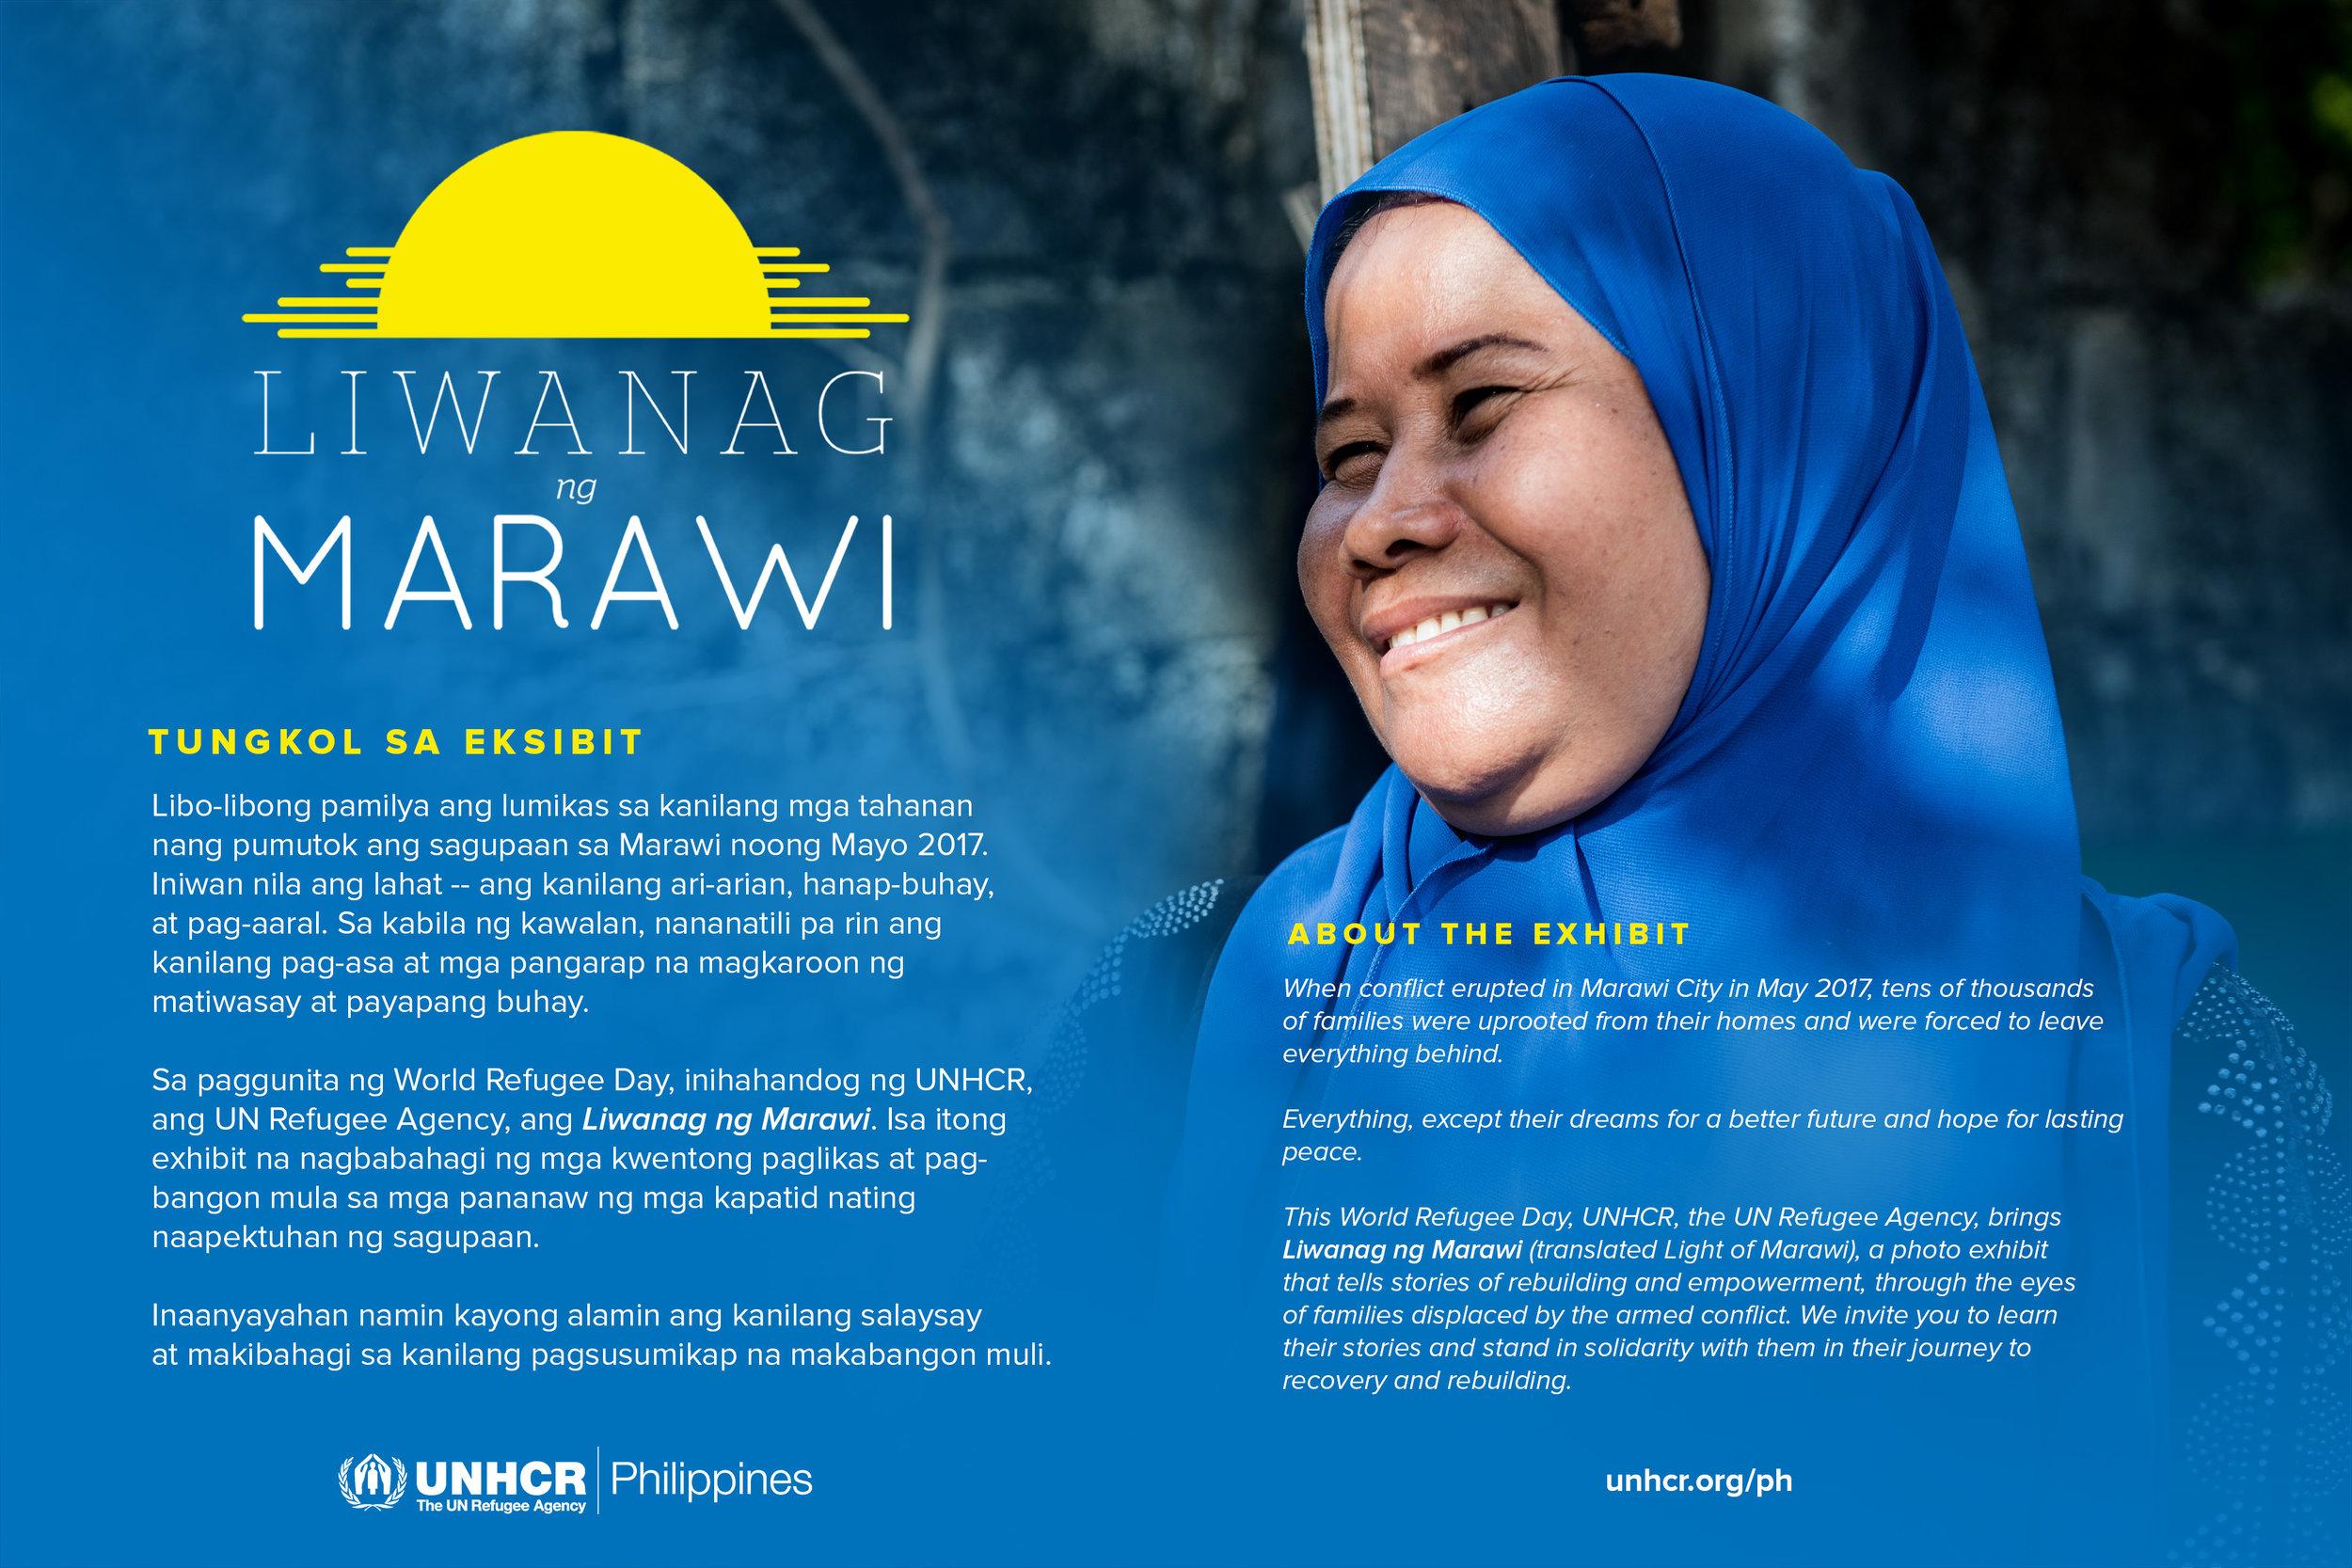 About Liwanag ng Marawi, displayed at the main entrance of the exhibit